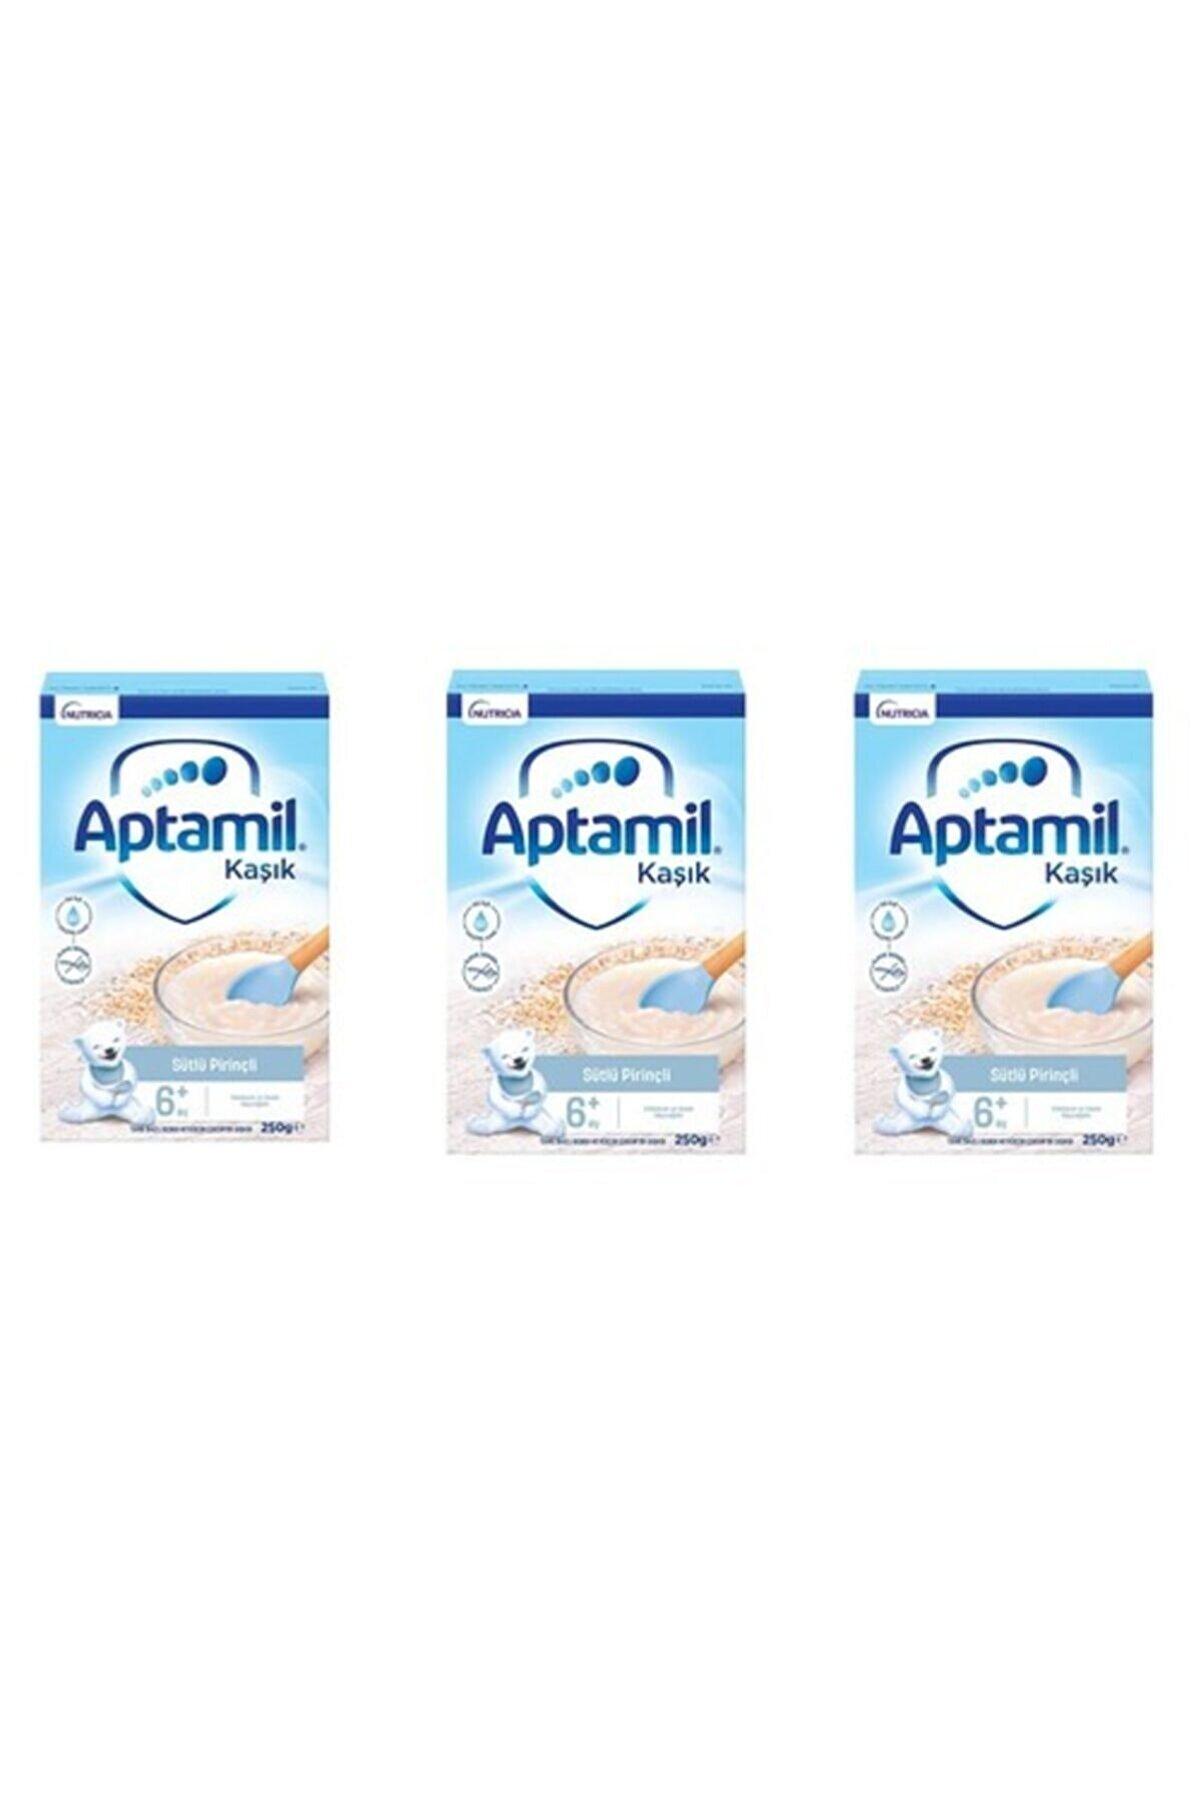 Aptamil Kaşık Sütlü Pirinçli 3'lü 250 gr